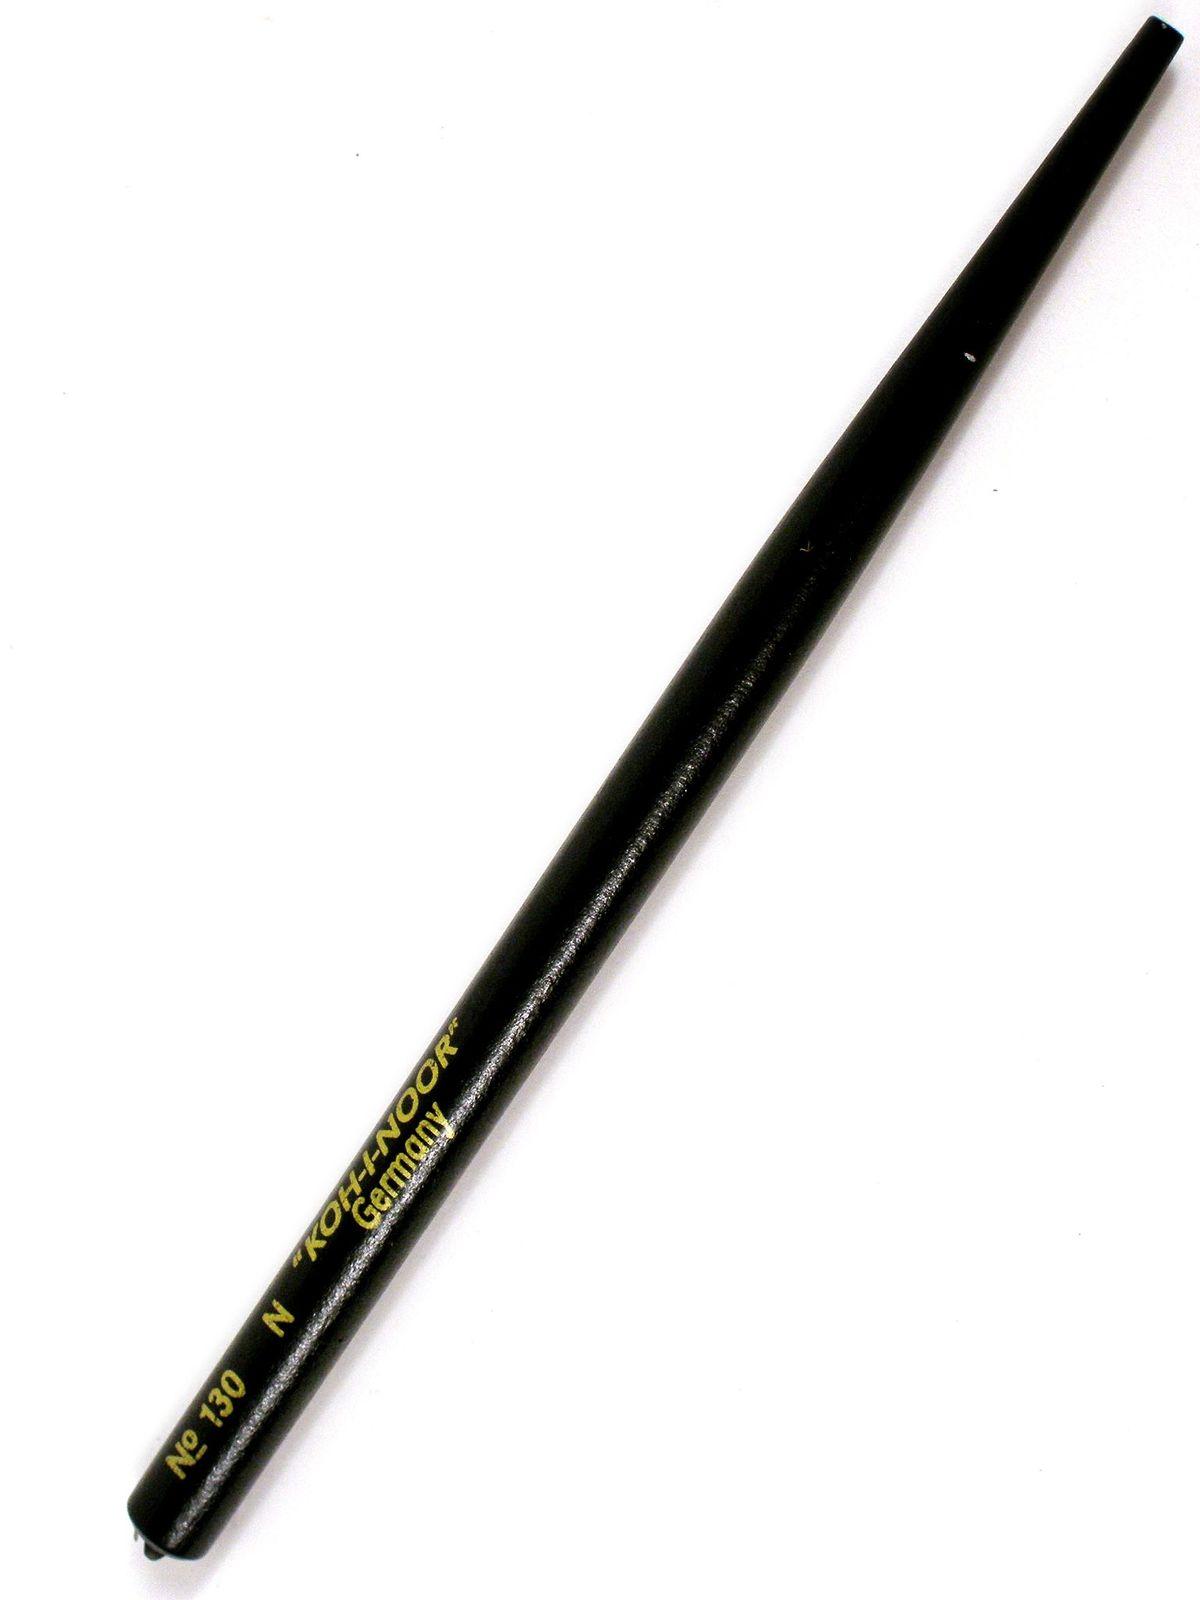 Koh-I-Noor Crow Quill Pen Holder No. 130N | MisterArt.com